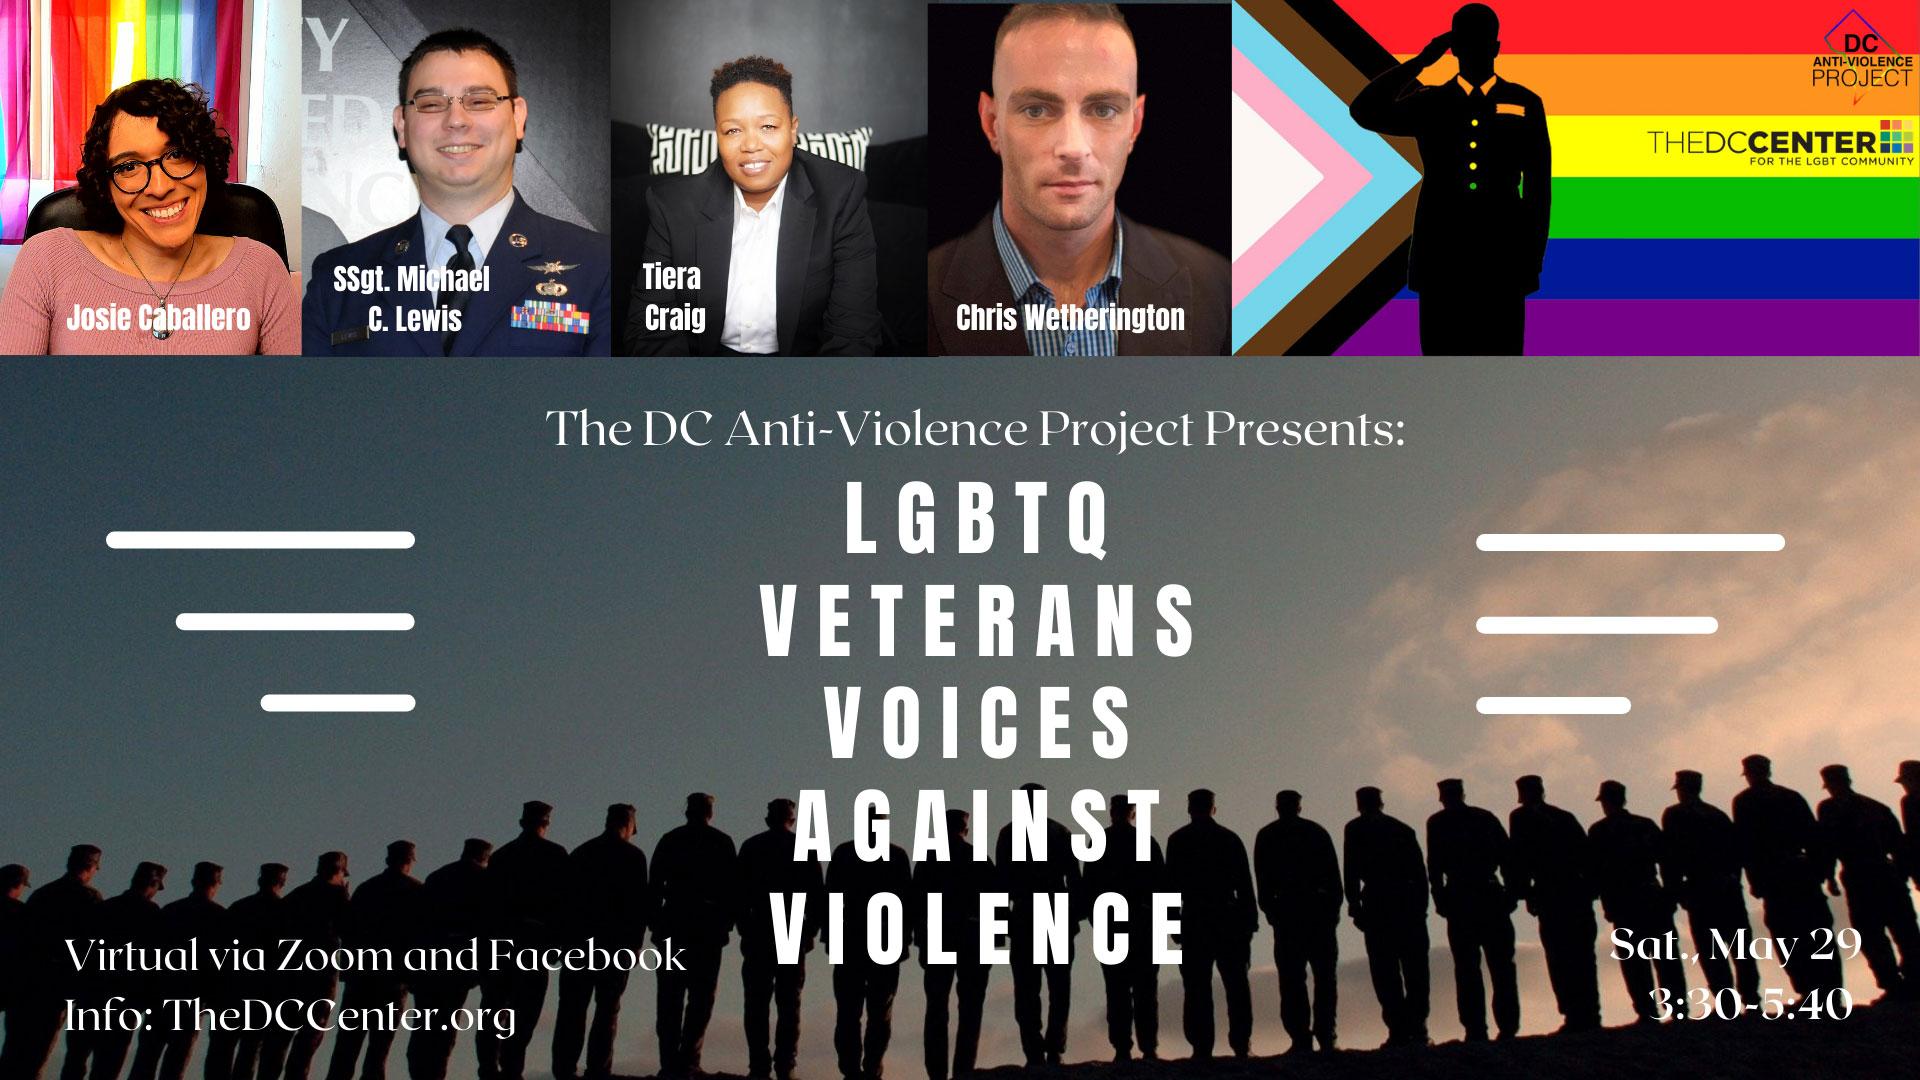 LGBTQ Veterans Open Mic